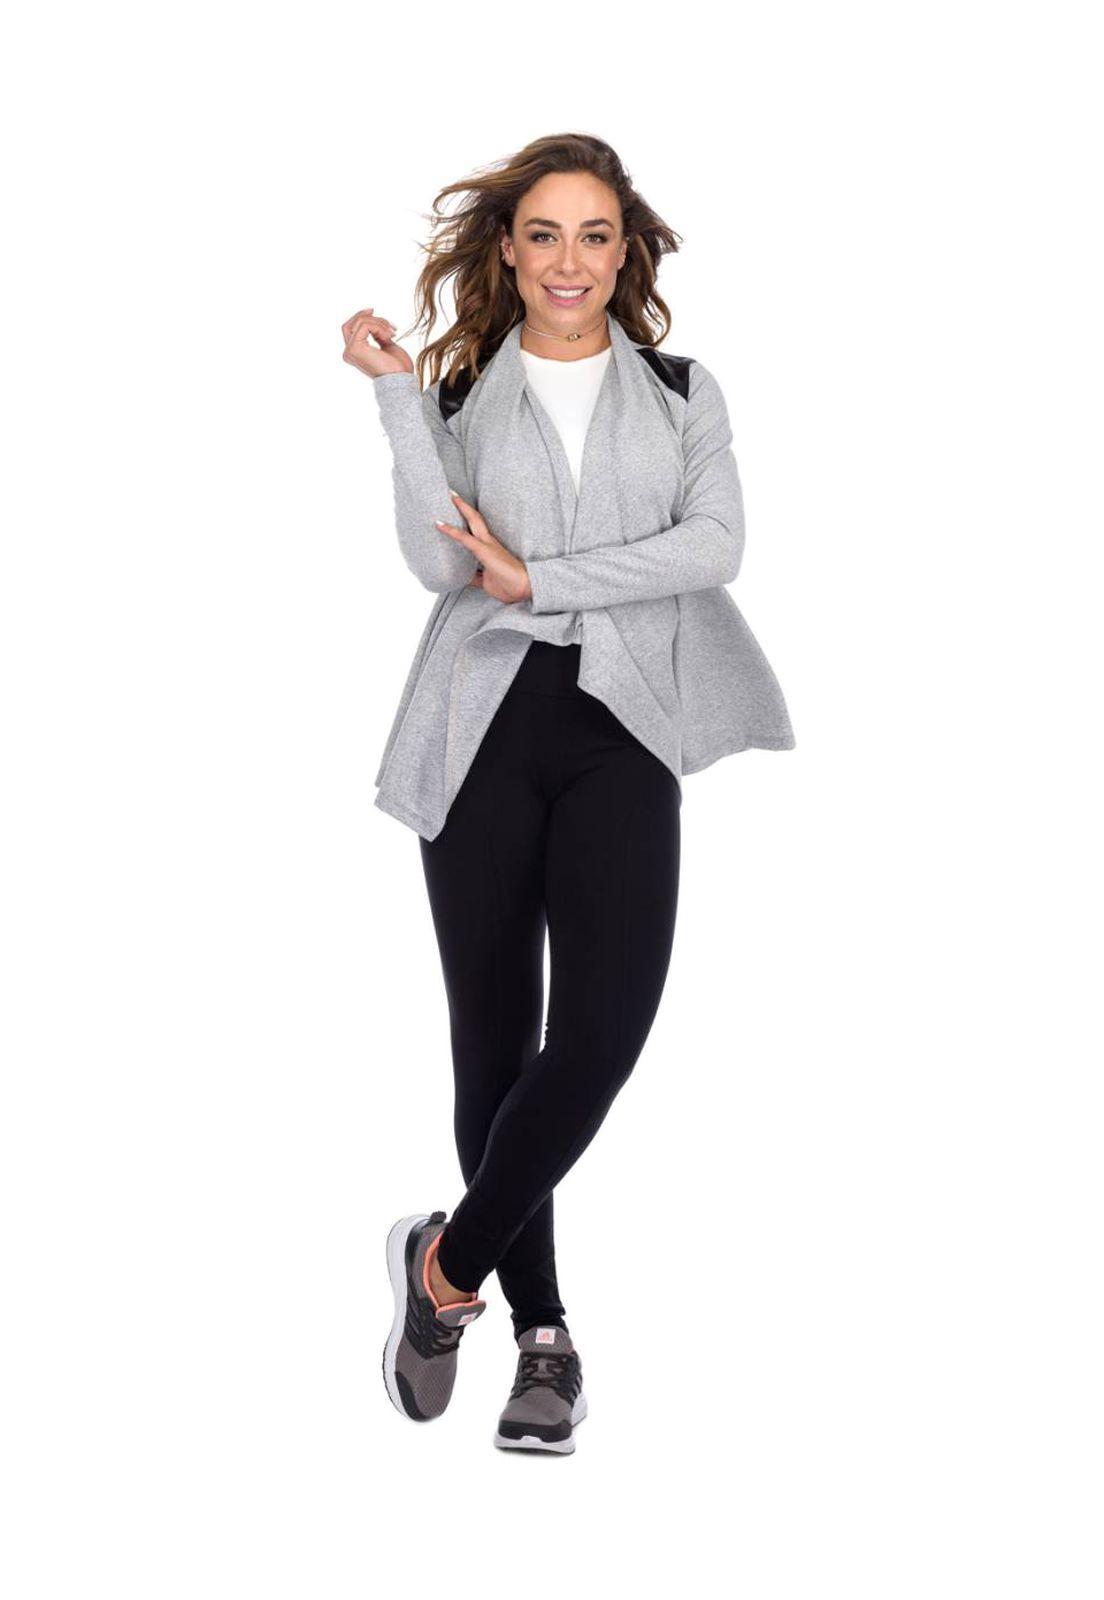 Cardigan Flavia Donadio Beachwear com recorte no ombro cinza claro